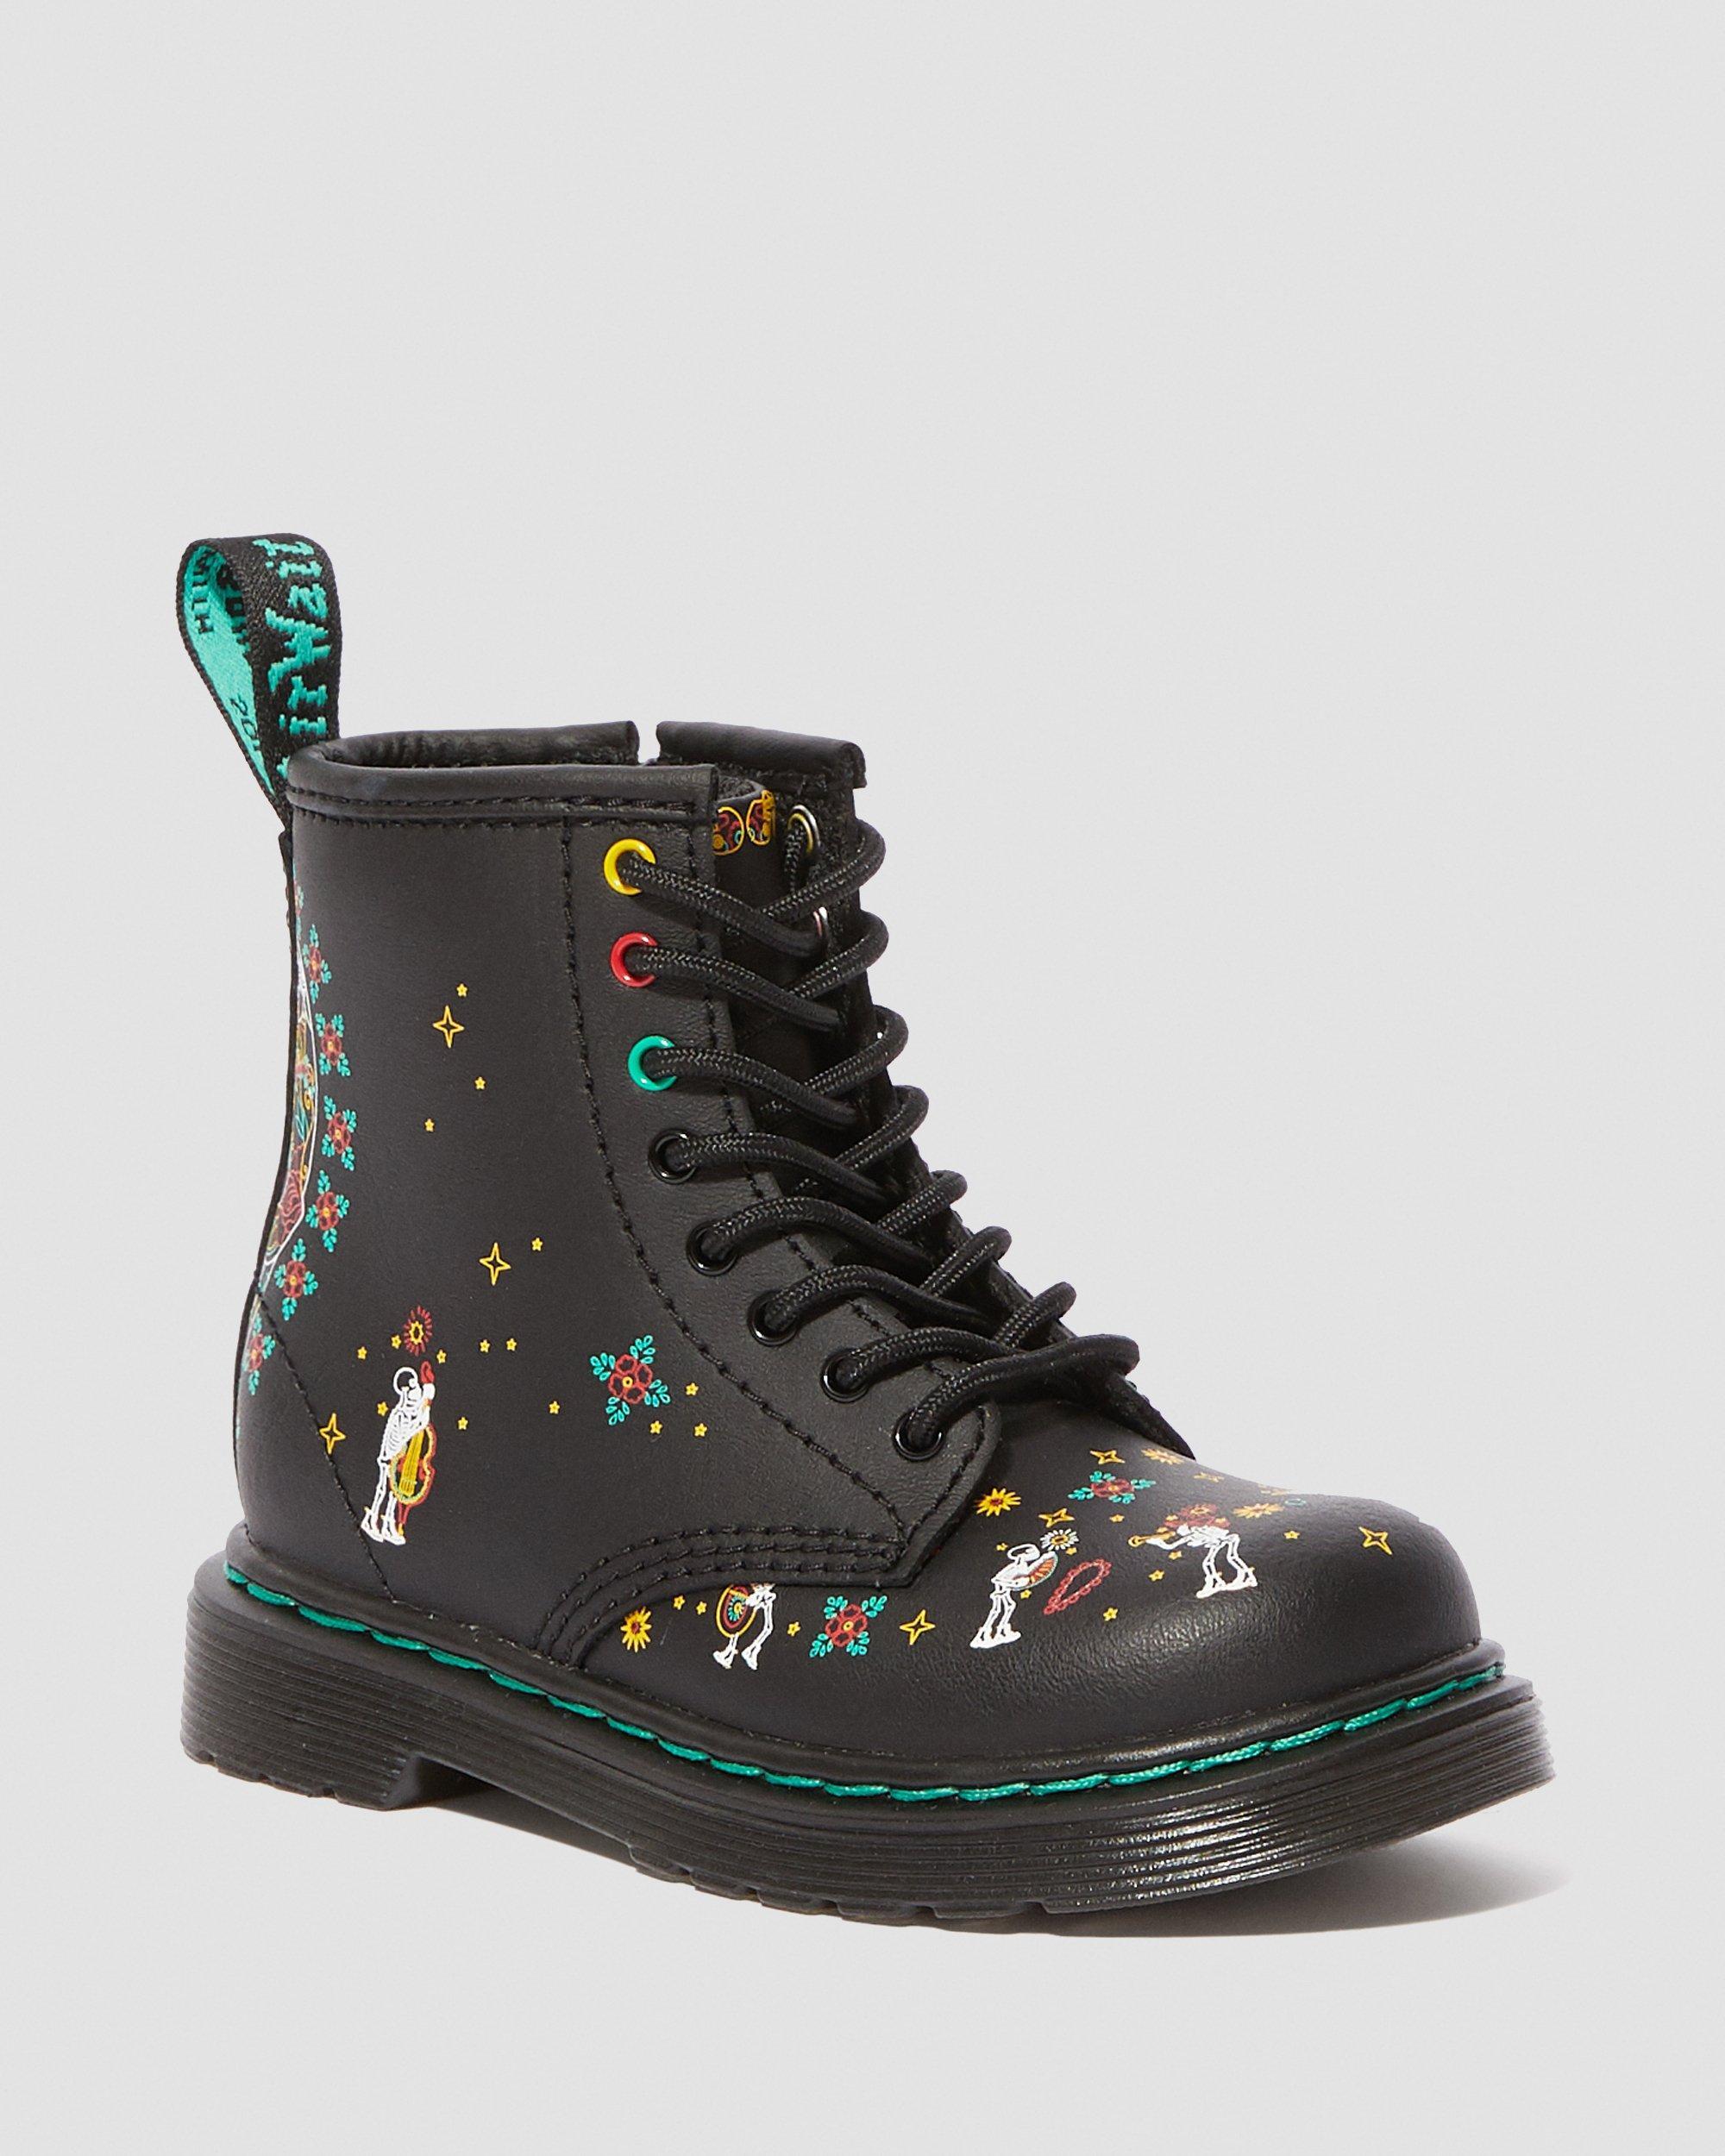 Dr martens 1460 skull toddler leather ankle boots em 2020